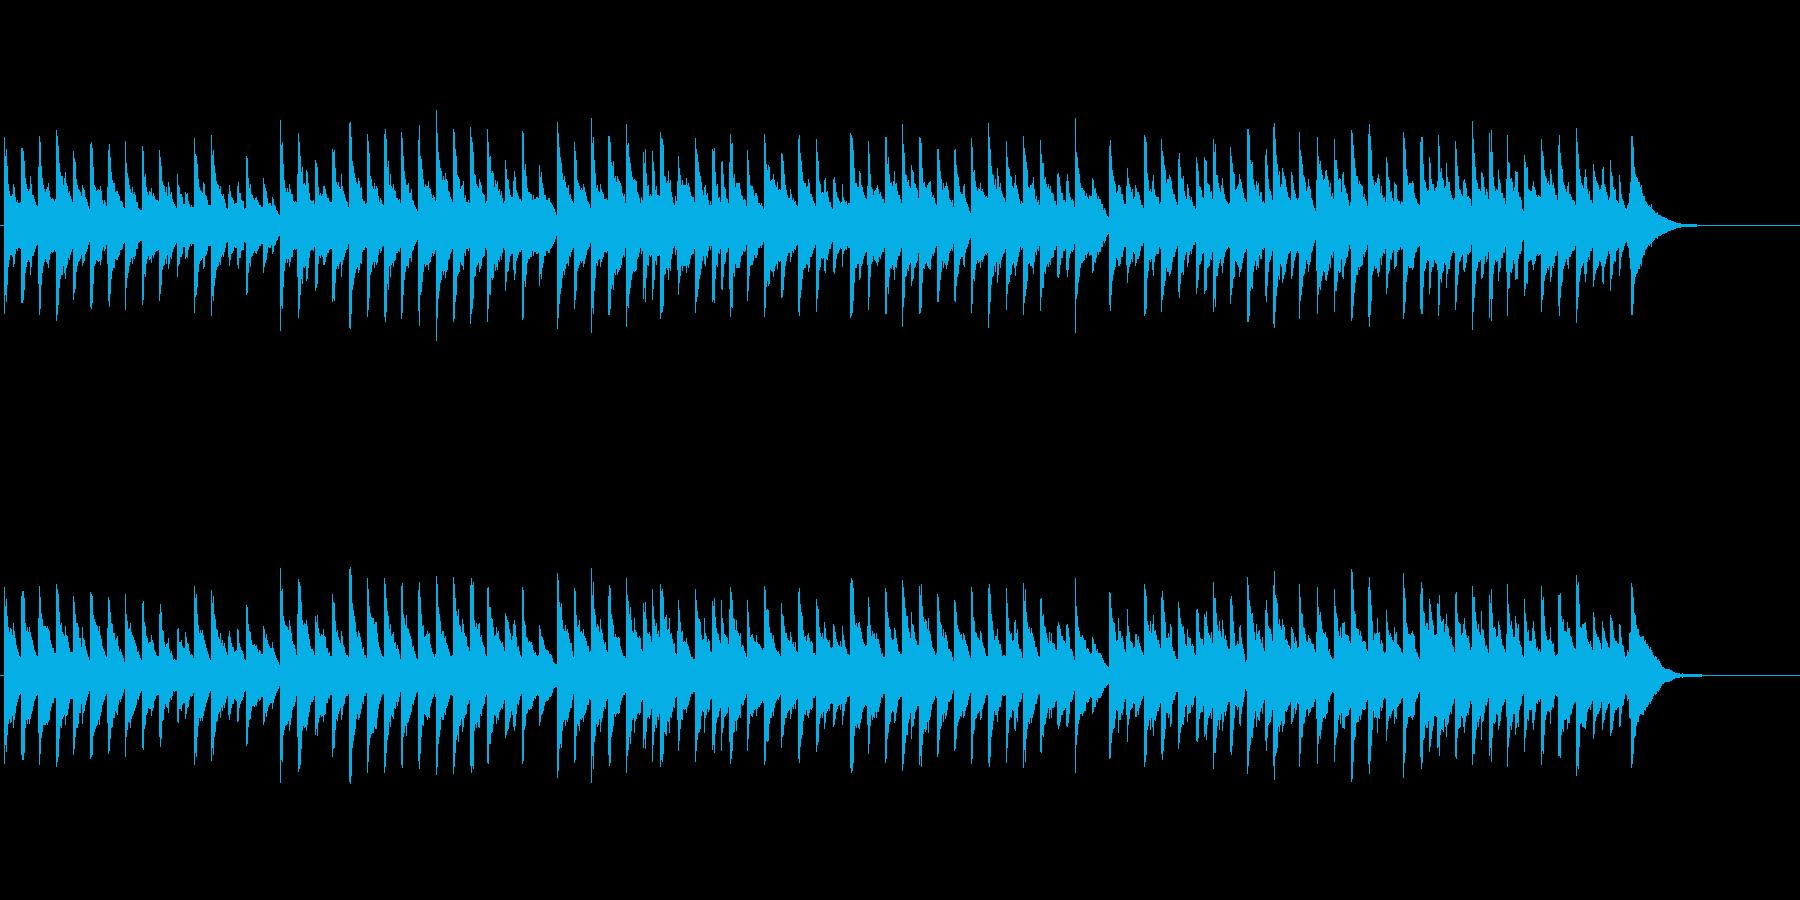 年末は第九!可愛いオルゴール風の喜びの歌の再生済みの波形